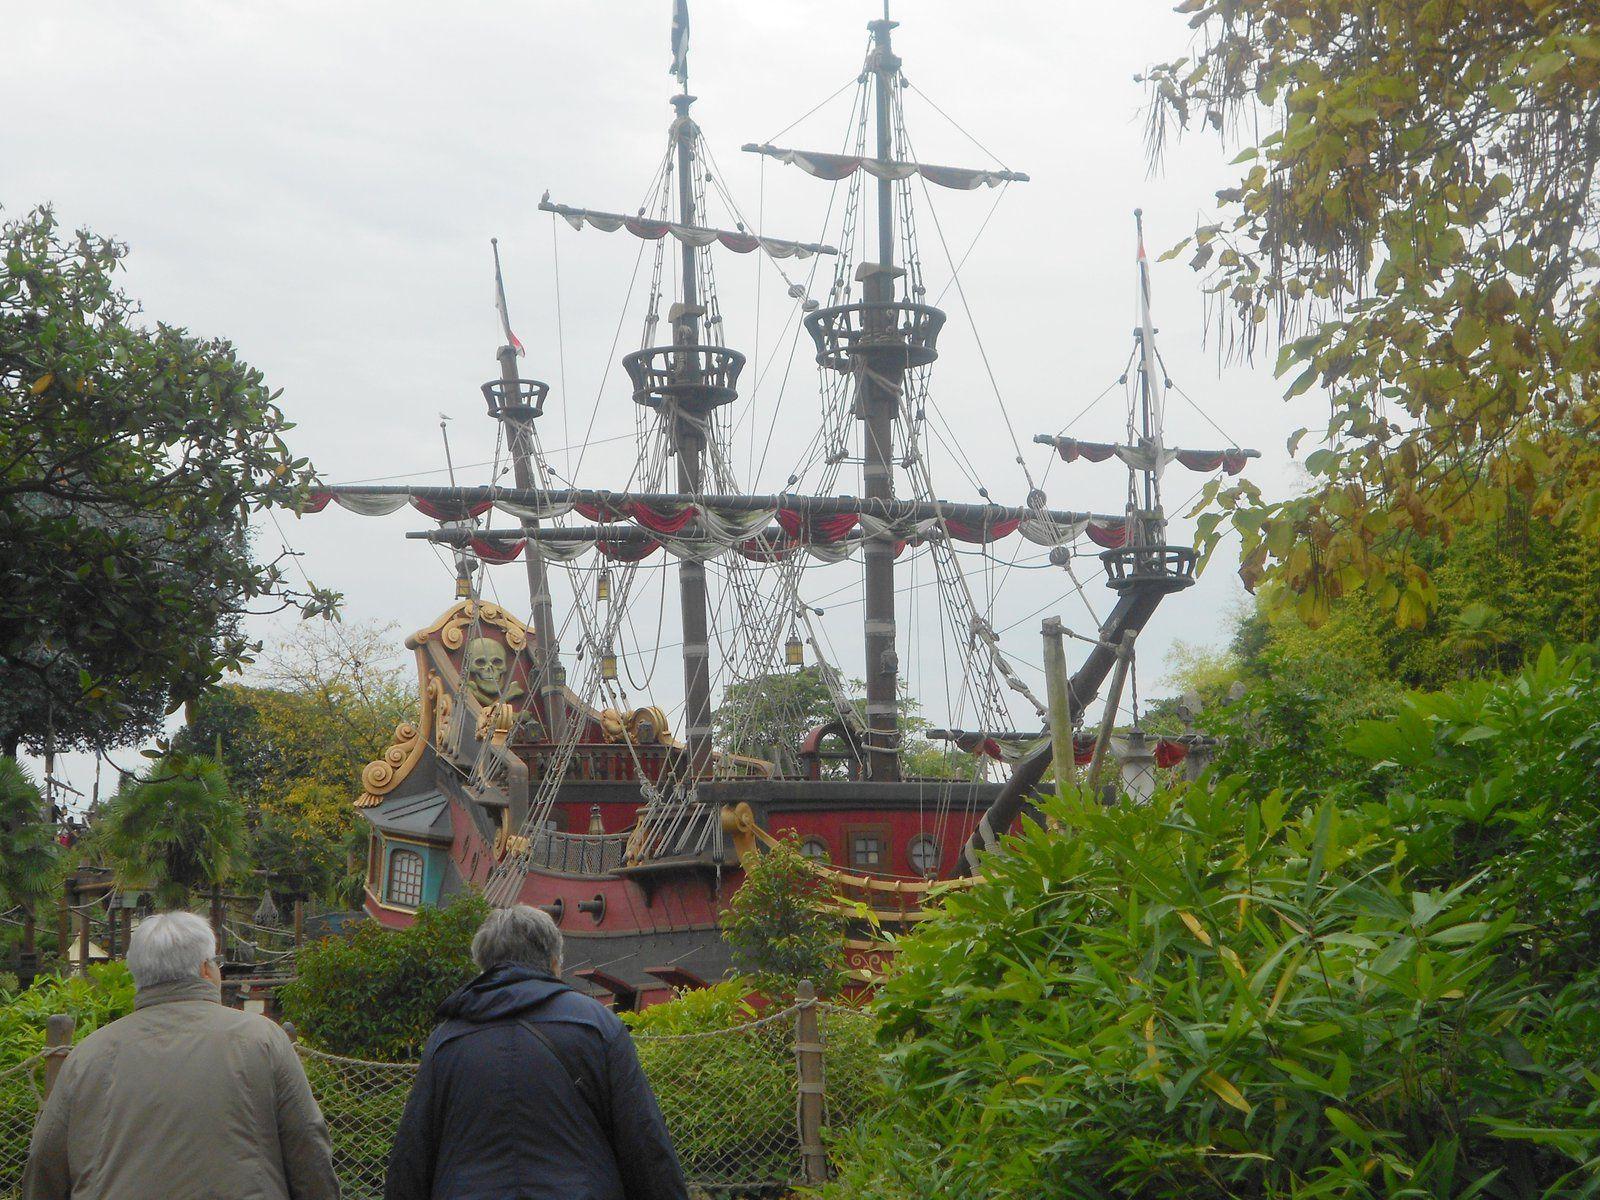 un bateau pirate  a la bordage!!!!!!!!!!!!!!!!!